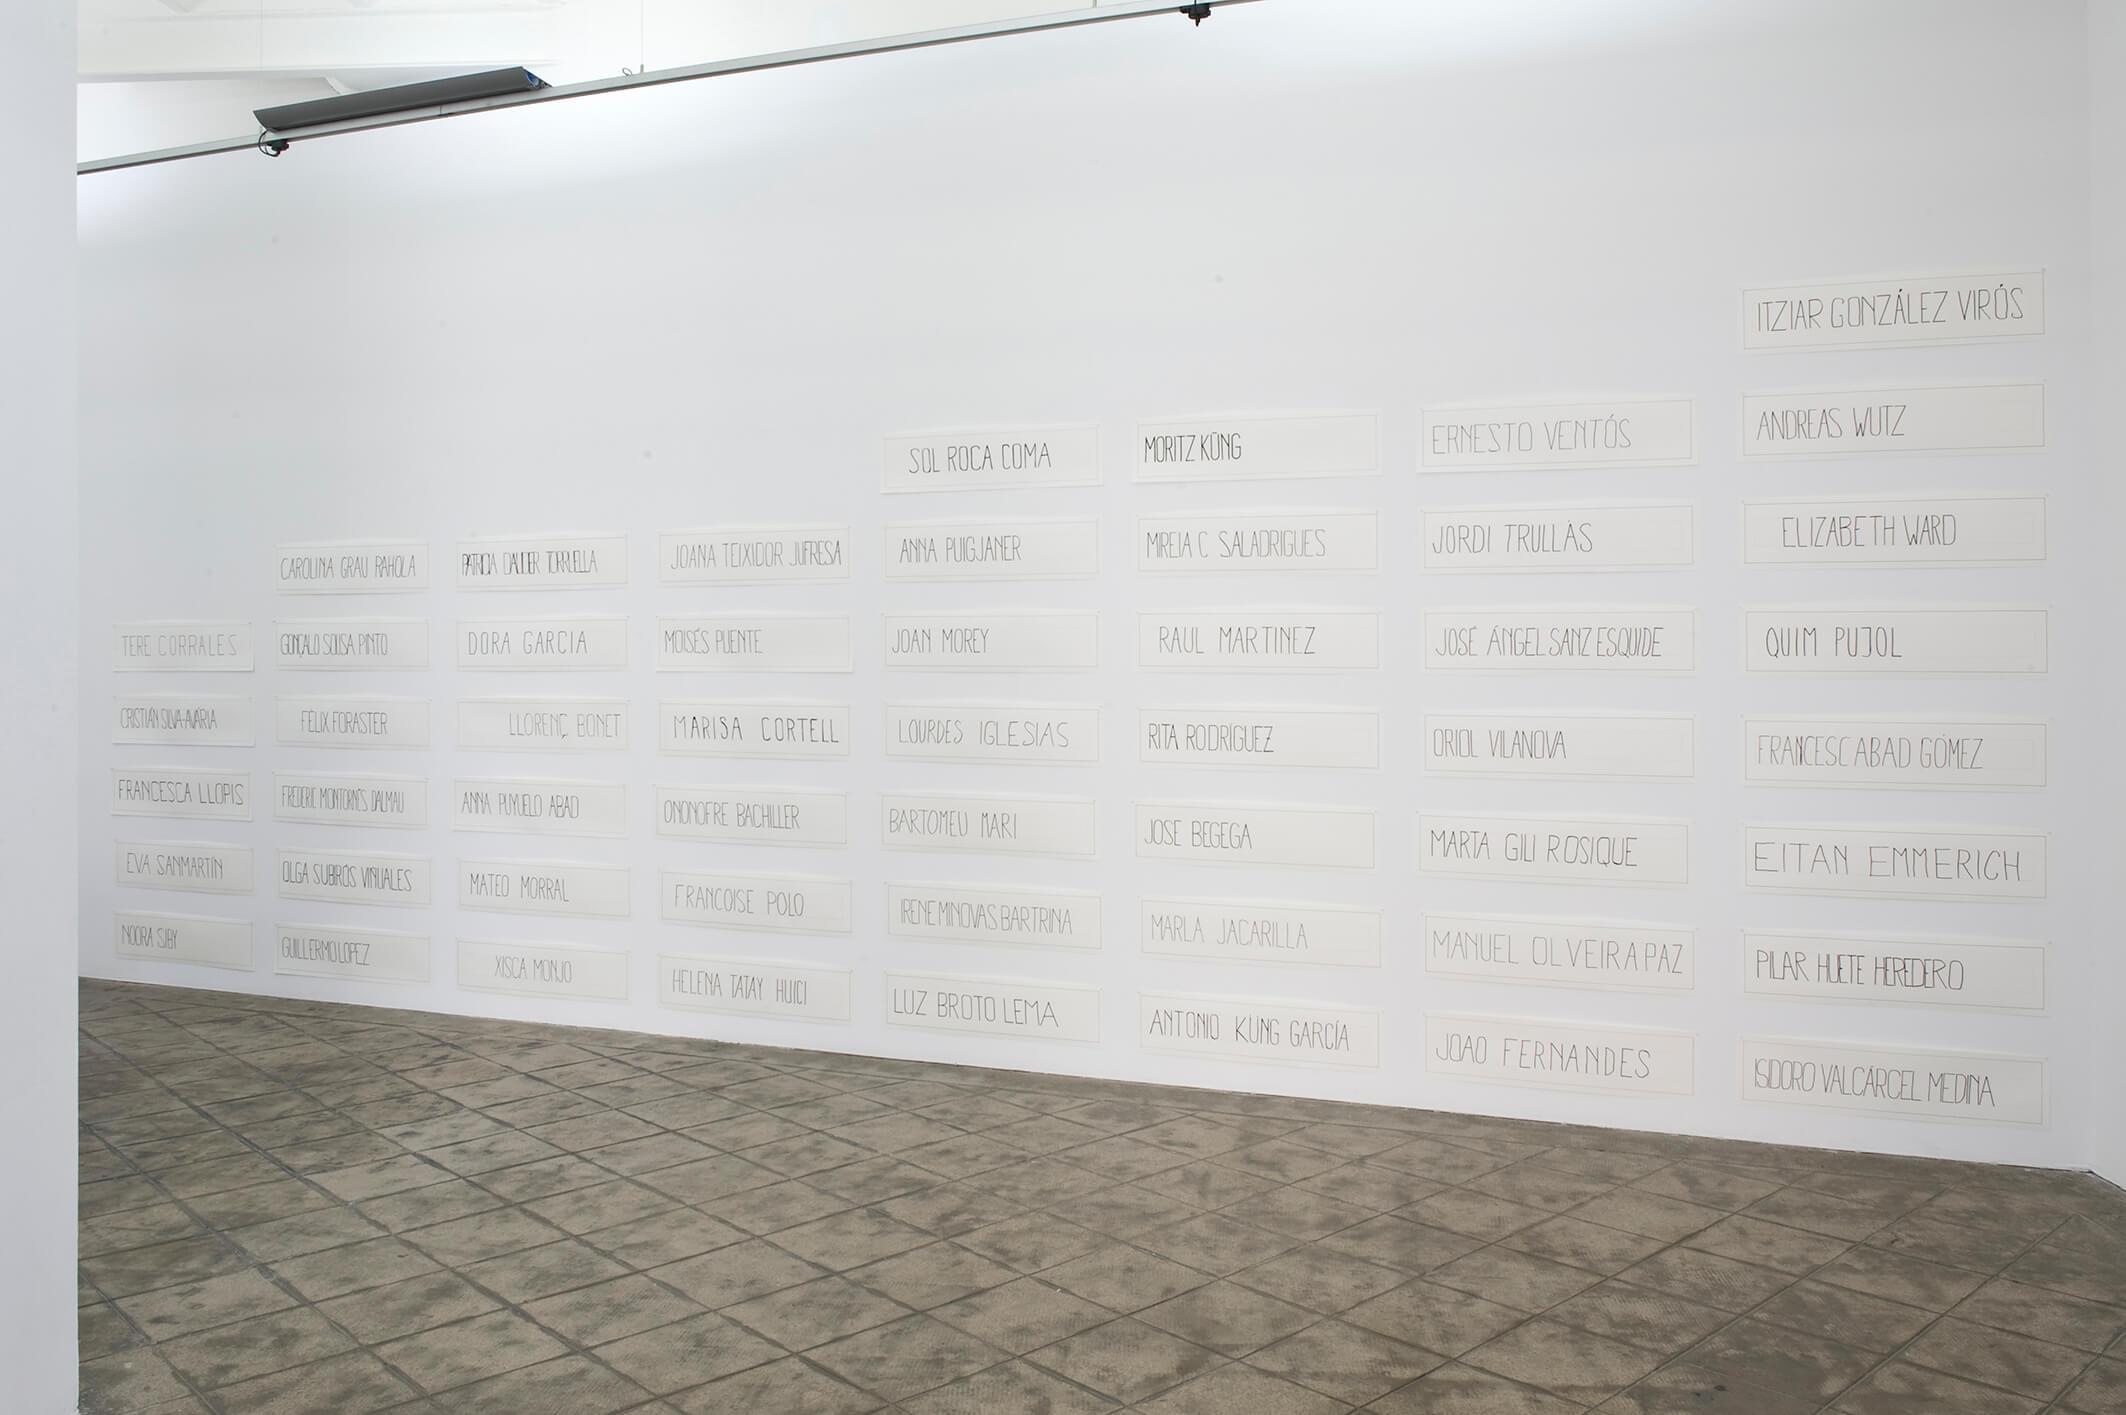 Installation view: Vostè Mateix, ProjecteSD, Barcelona, 2013 | Vostè Mateix | ProjecteSD